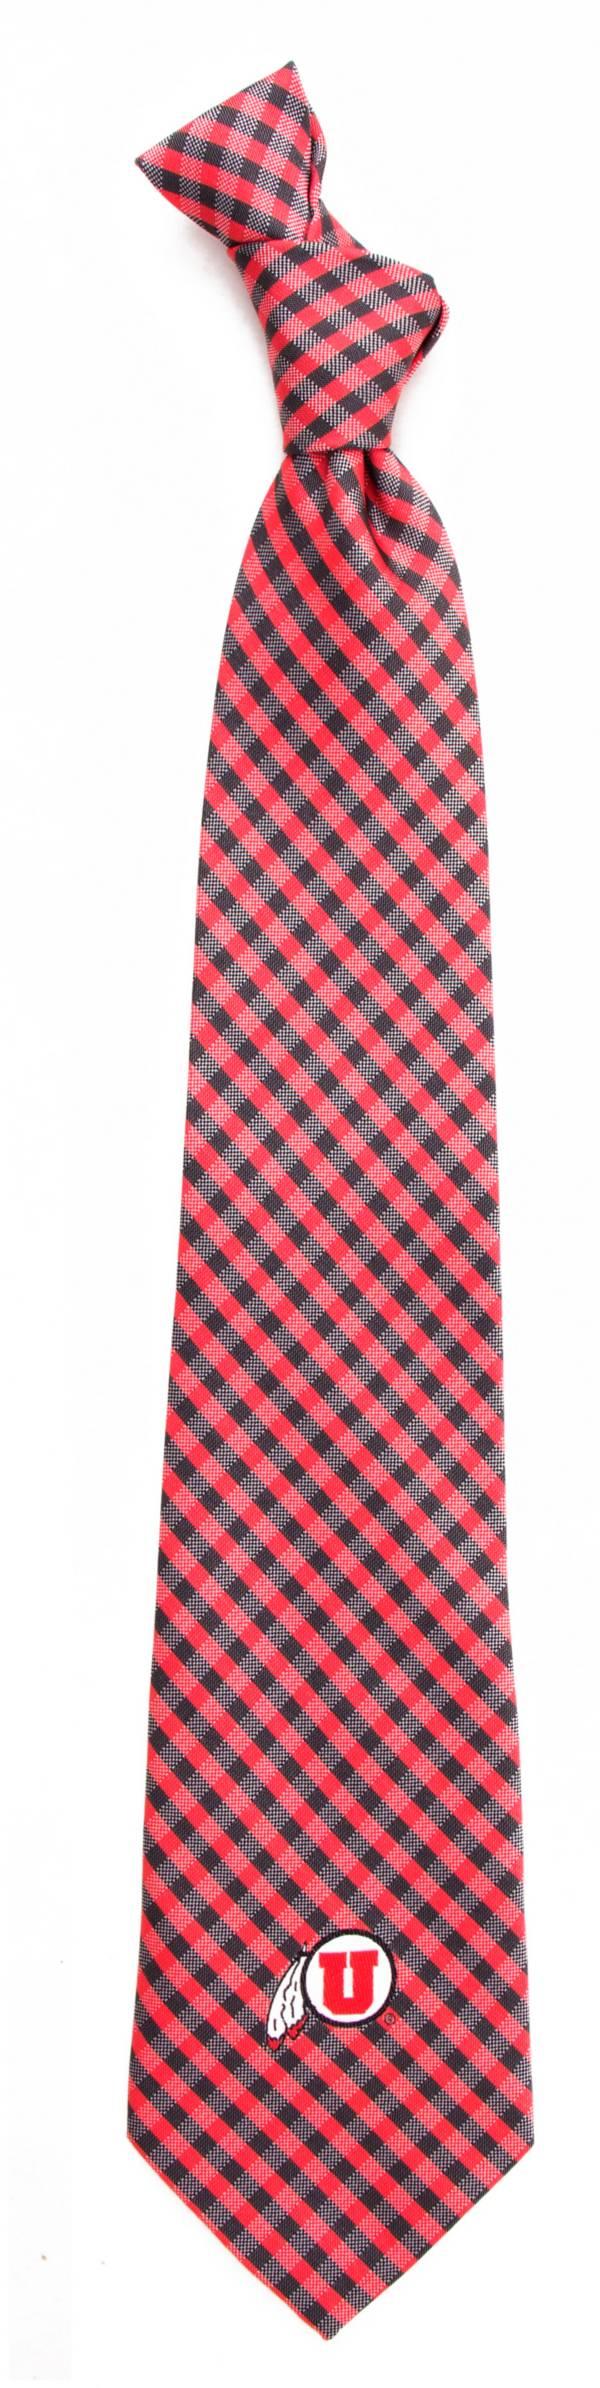 Eagles Wings Utah Utes Gingham Necktie product image